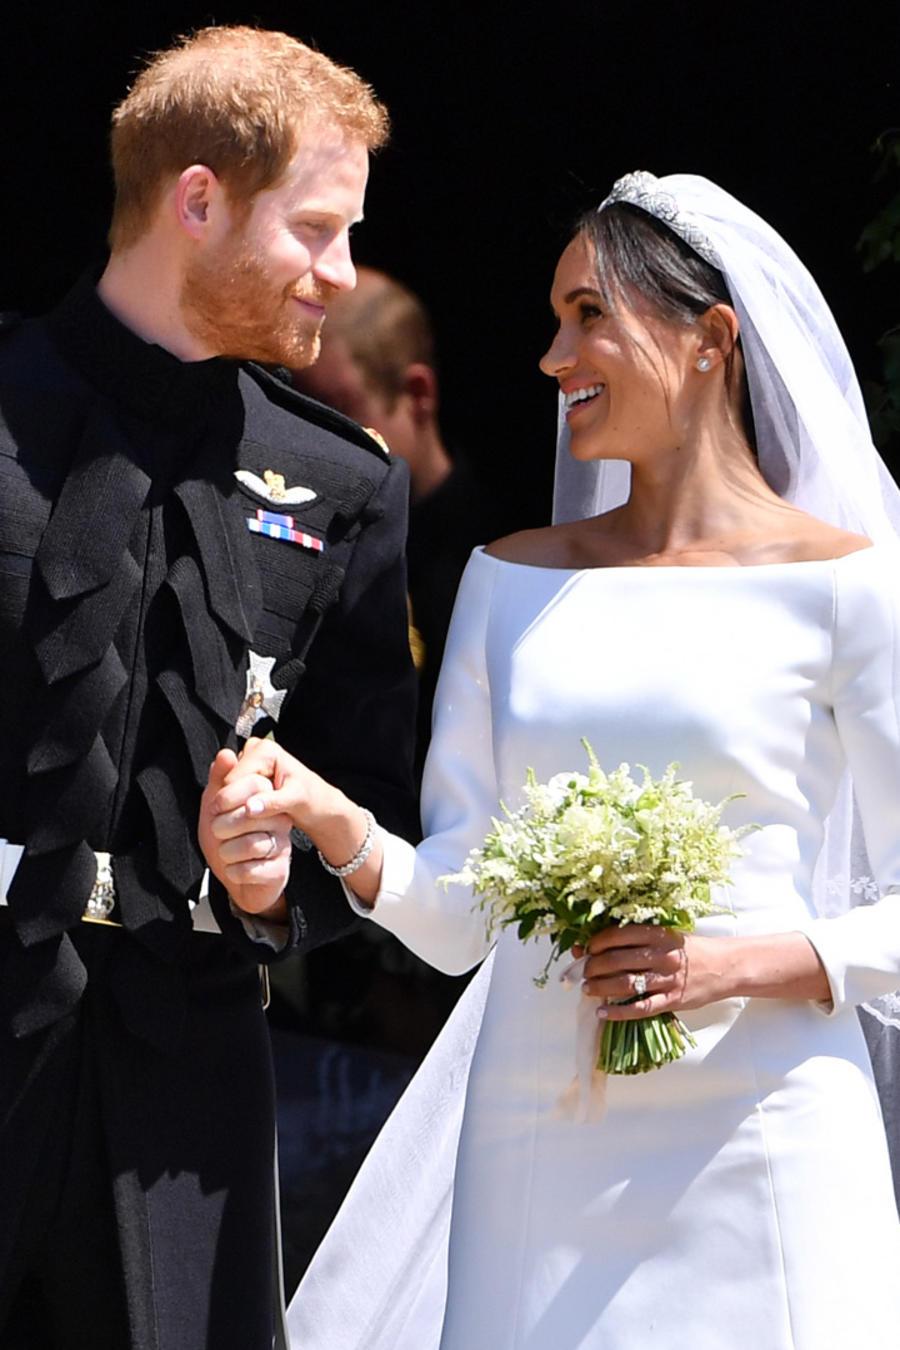 El príncipe Harry y su esposa Meghan Markle a las afueras de la capilla de St. George's tras su boda el 19 de mayo de 2018